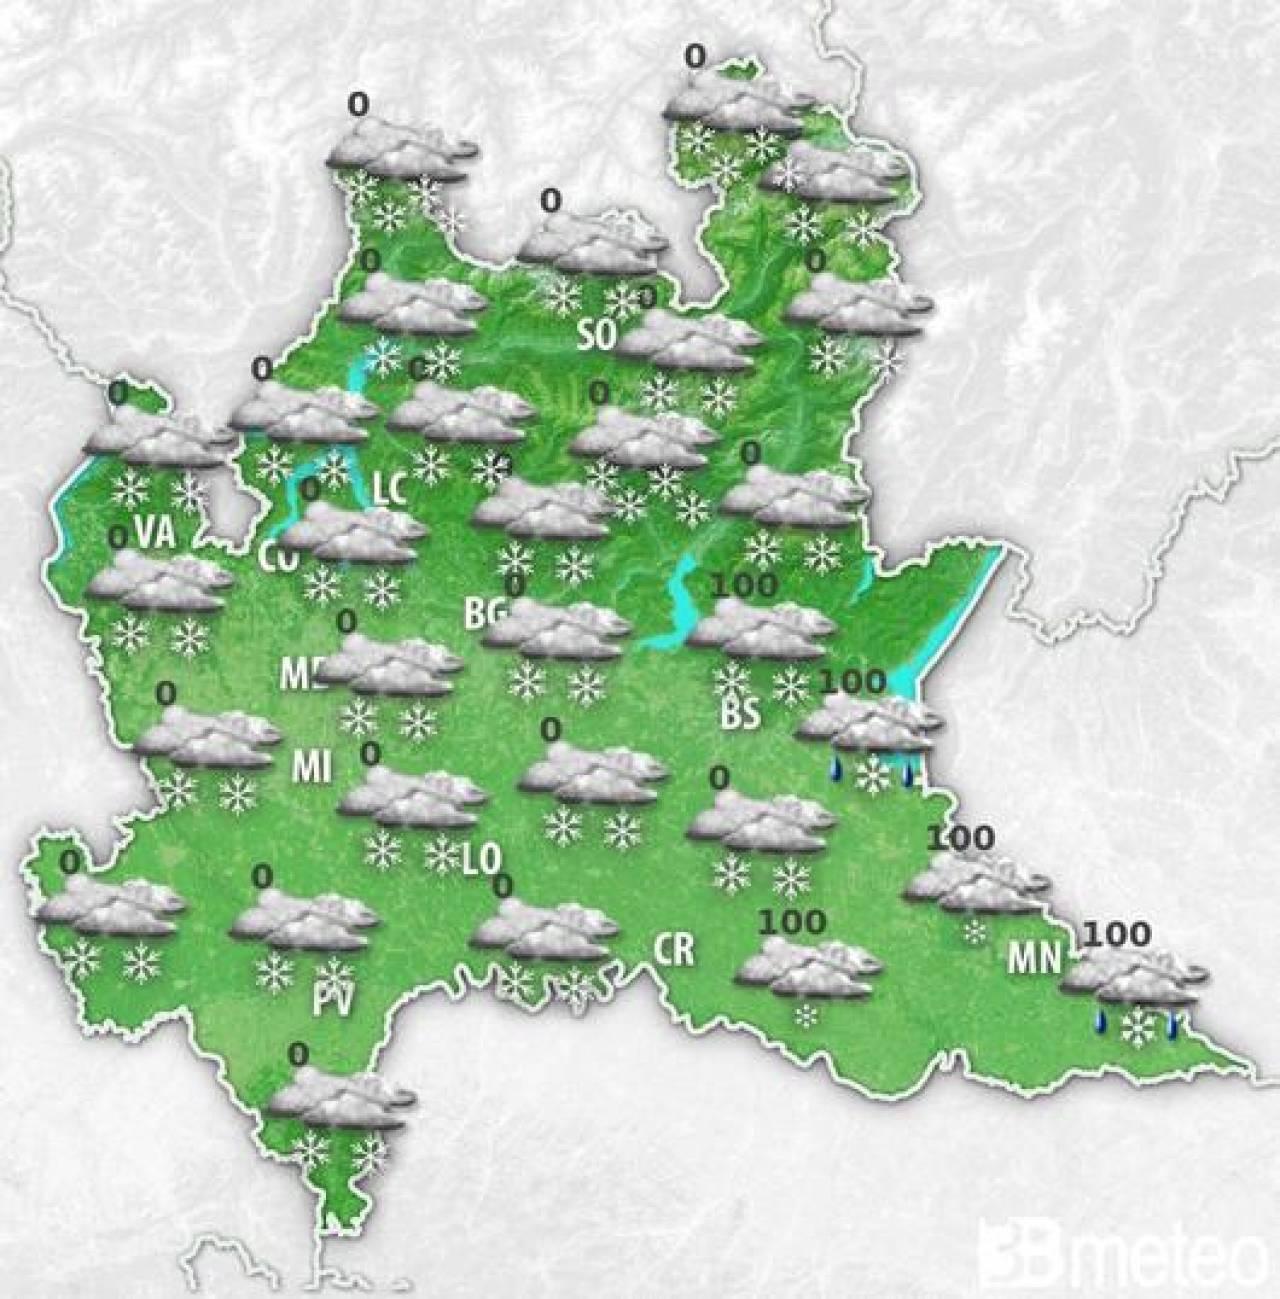 Meteo Lombardia - Nella notte tra domenica e lunedì arriva la neve in pianura